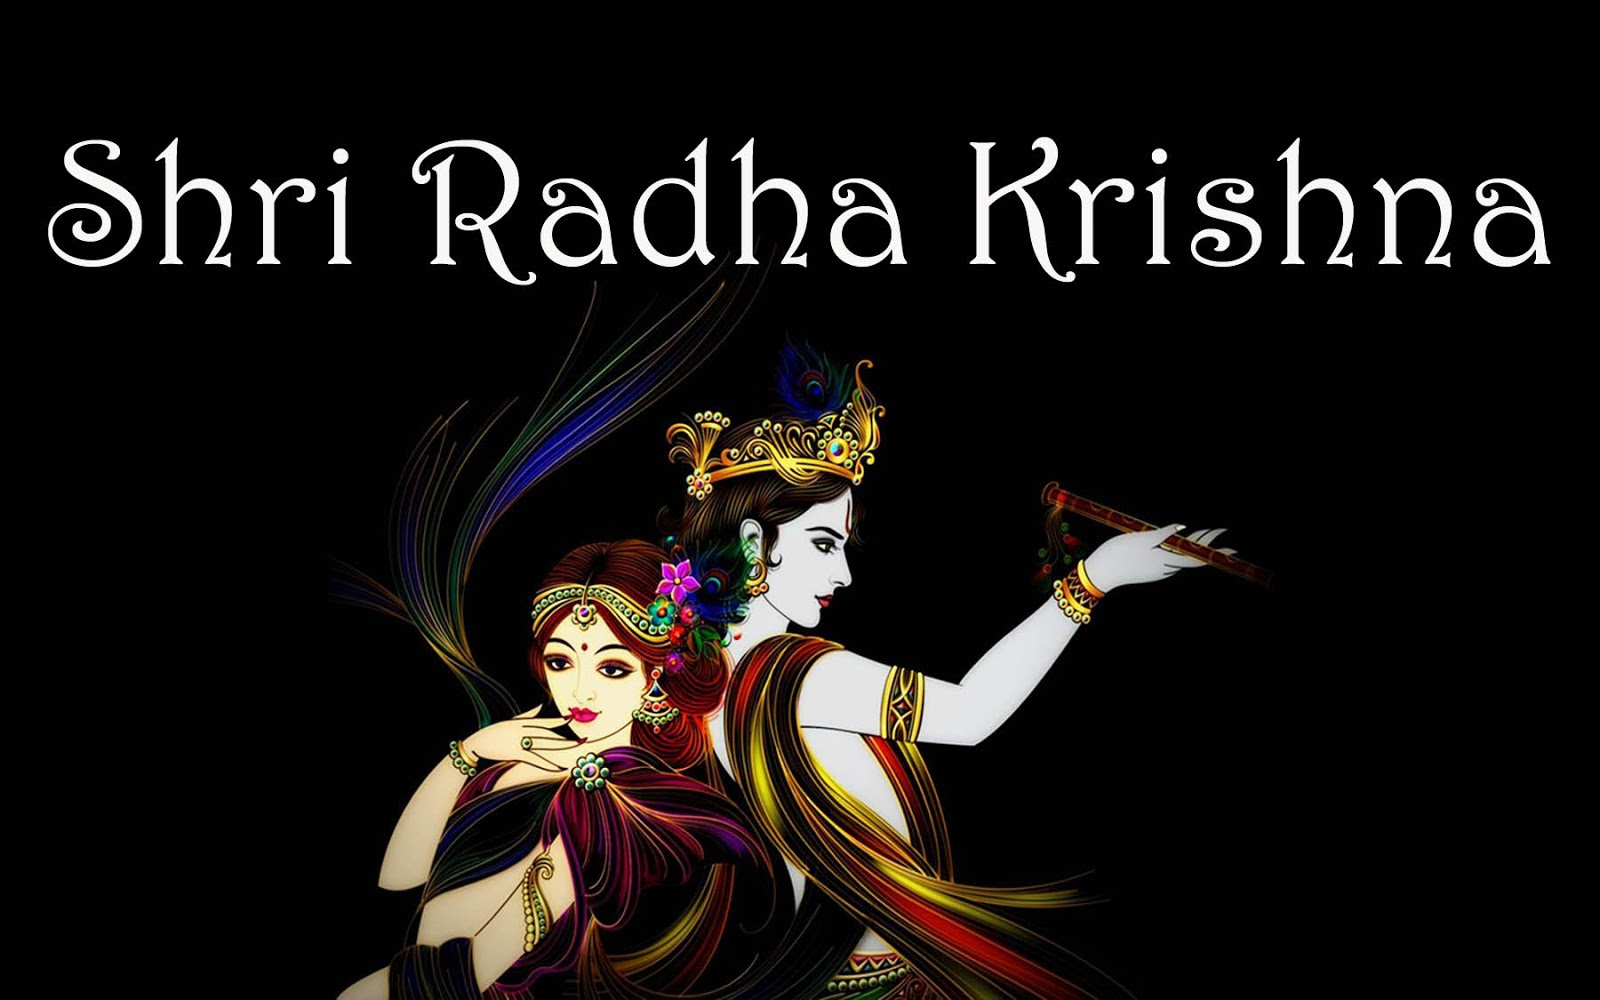 Hd wallpaper radha krishna - Radha Krishna 3d Effects Hd Wallpapers